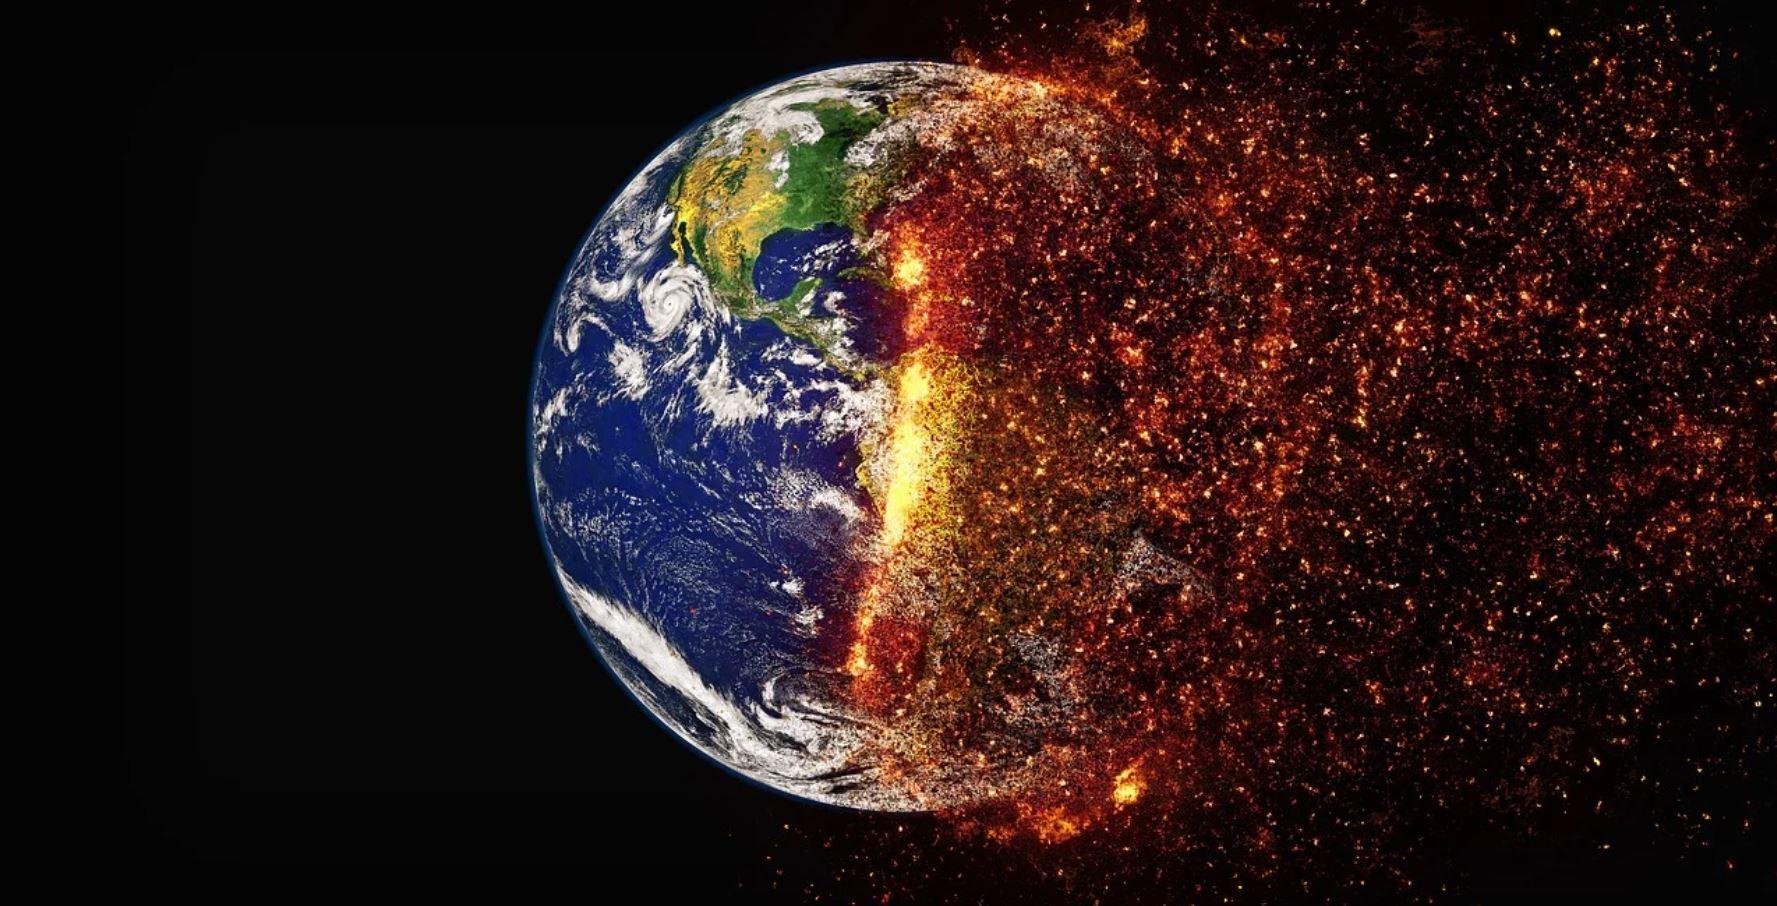 日 住め 地球 に なくなる